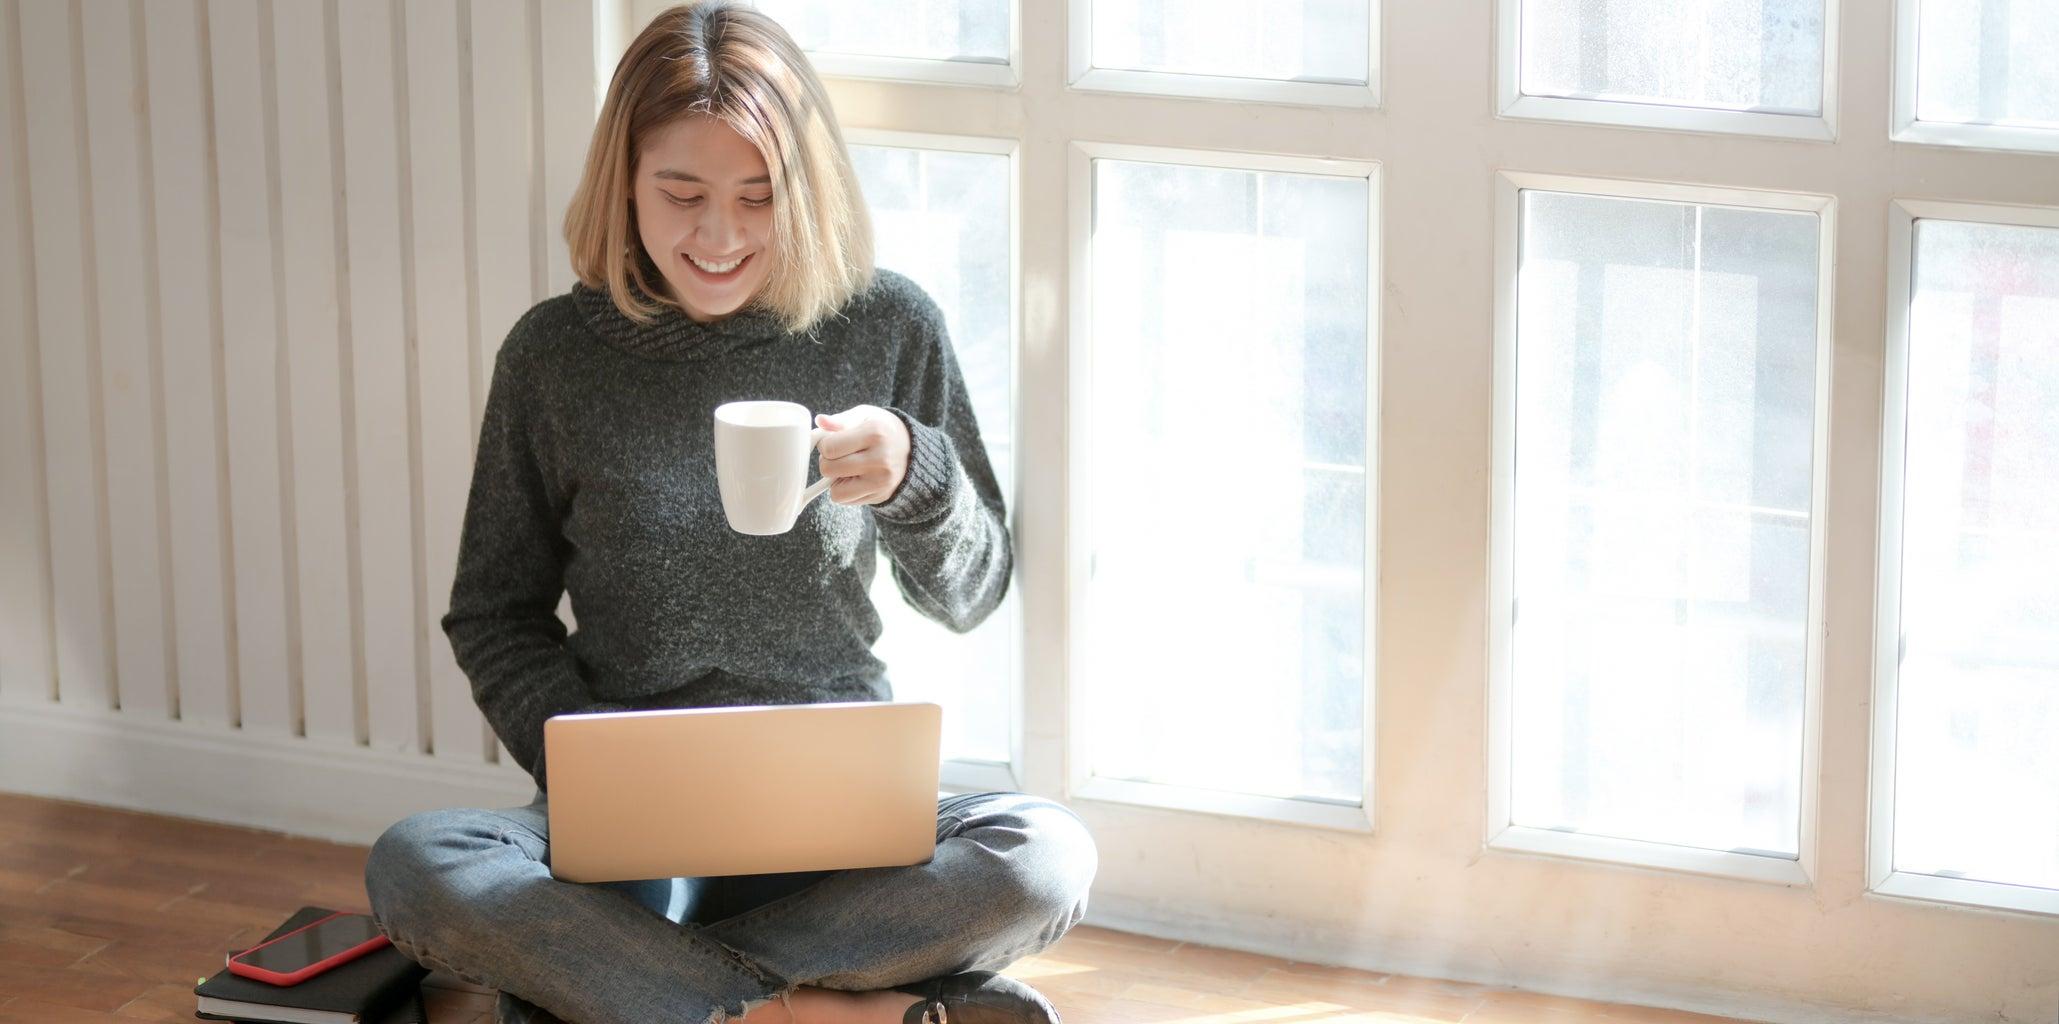 Woman in Grey Sweater holding Coffee Mug